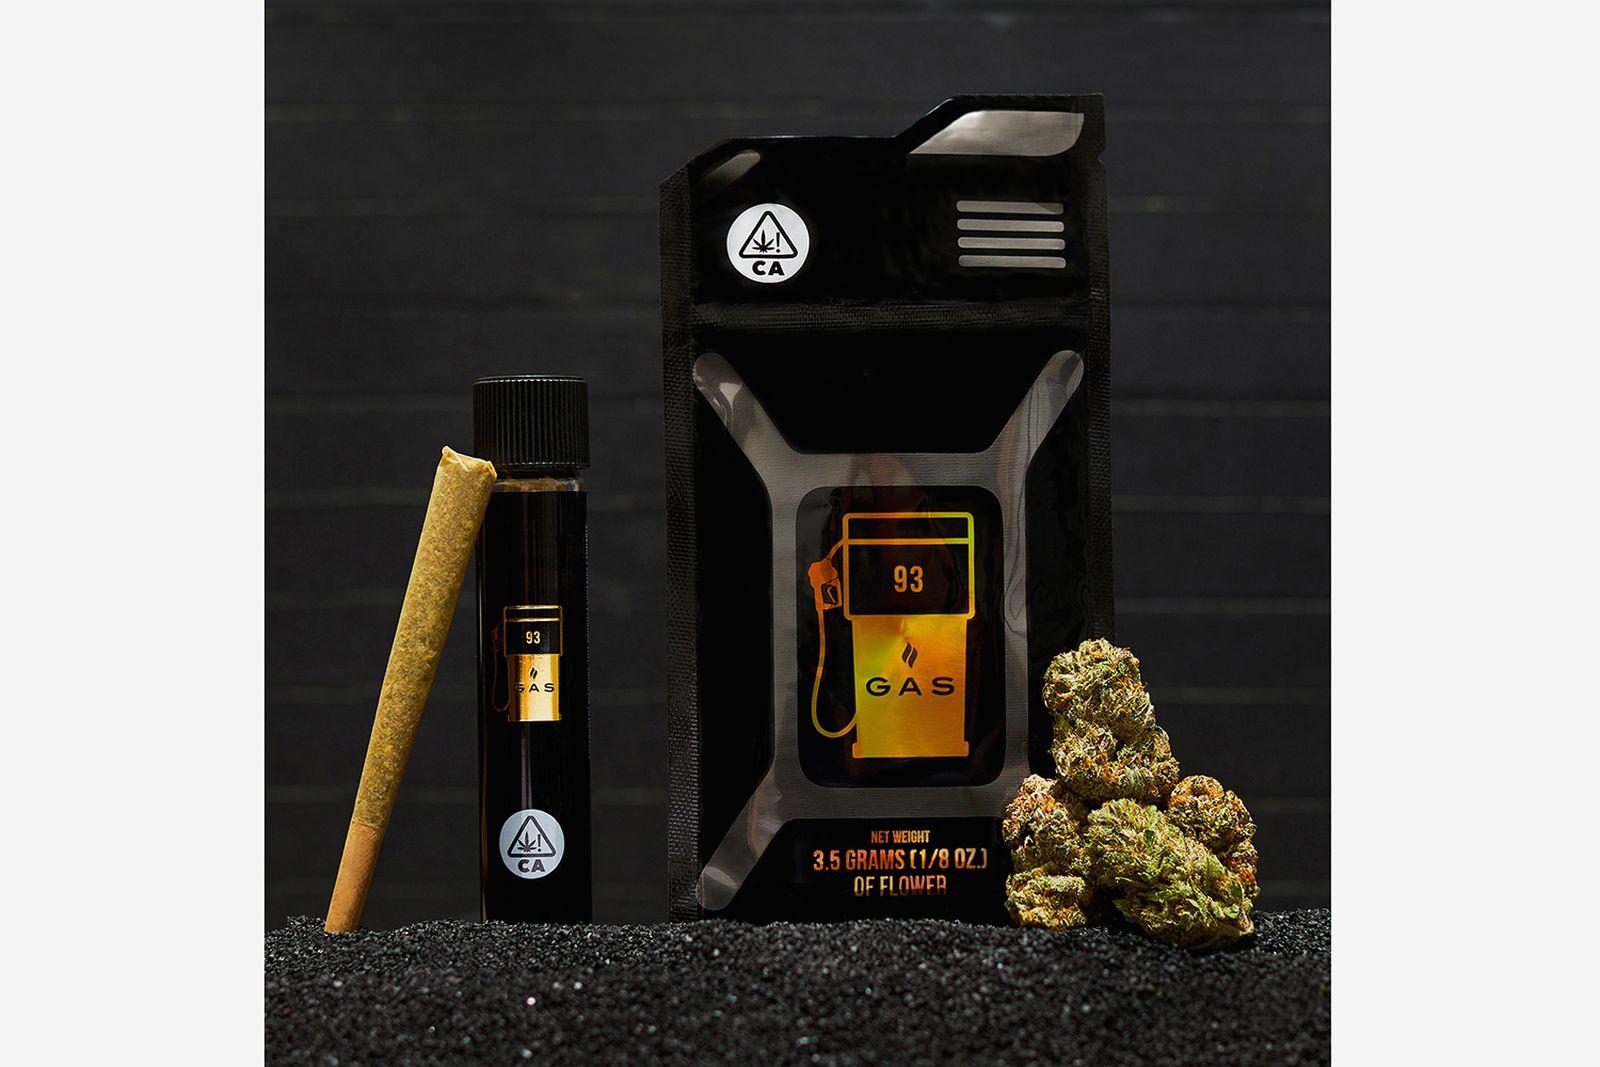 2 chainz gas cannabis co Gas Cannabis Co.